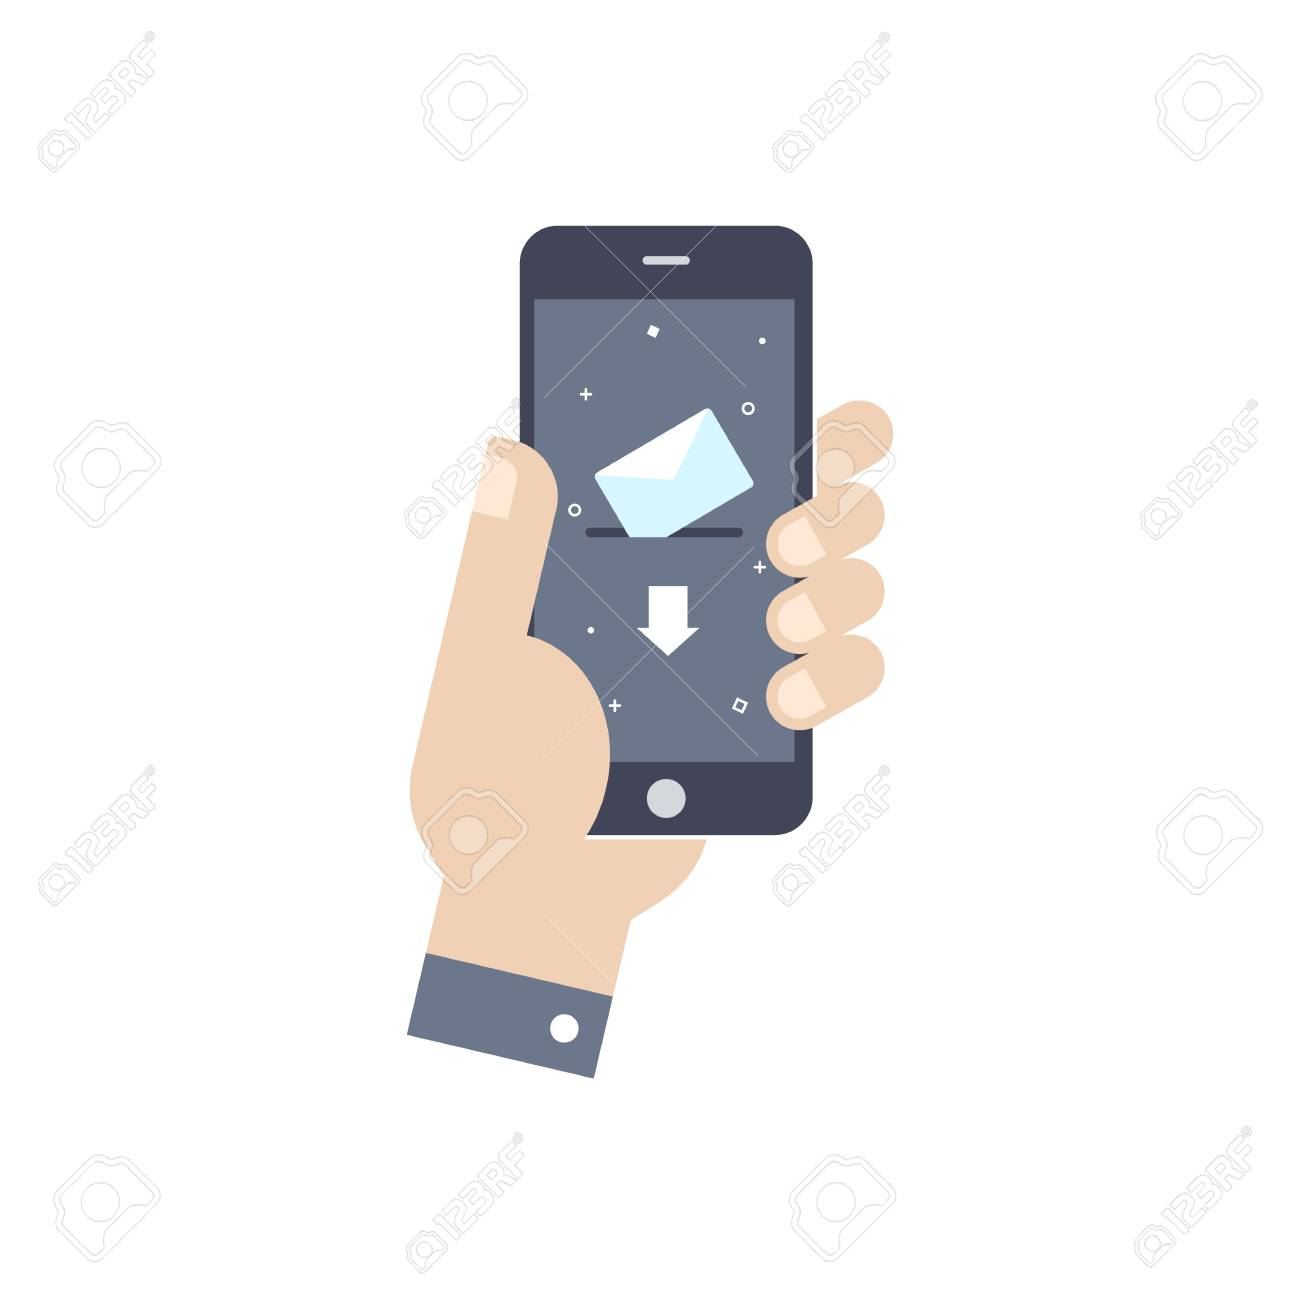 concepto negocio de teléfono de el pantallaEstilo plano de electrónico Diseño en vectorial Agujereando la ilustración inteligente con el correo y6bfg7